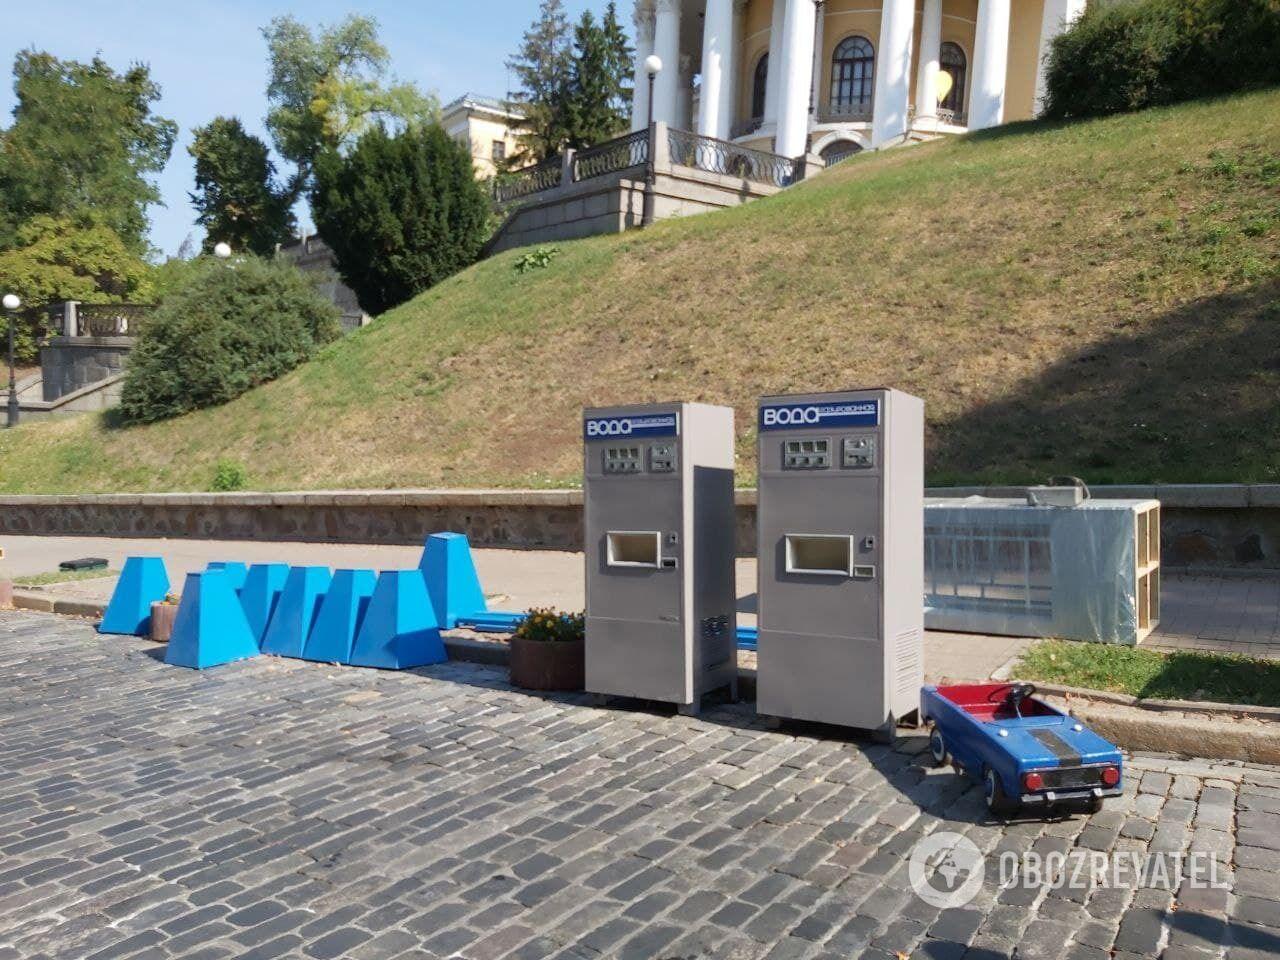 Автомати для продажу газованої води.